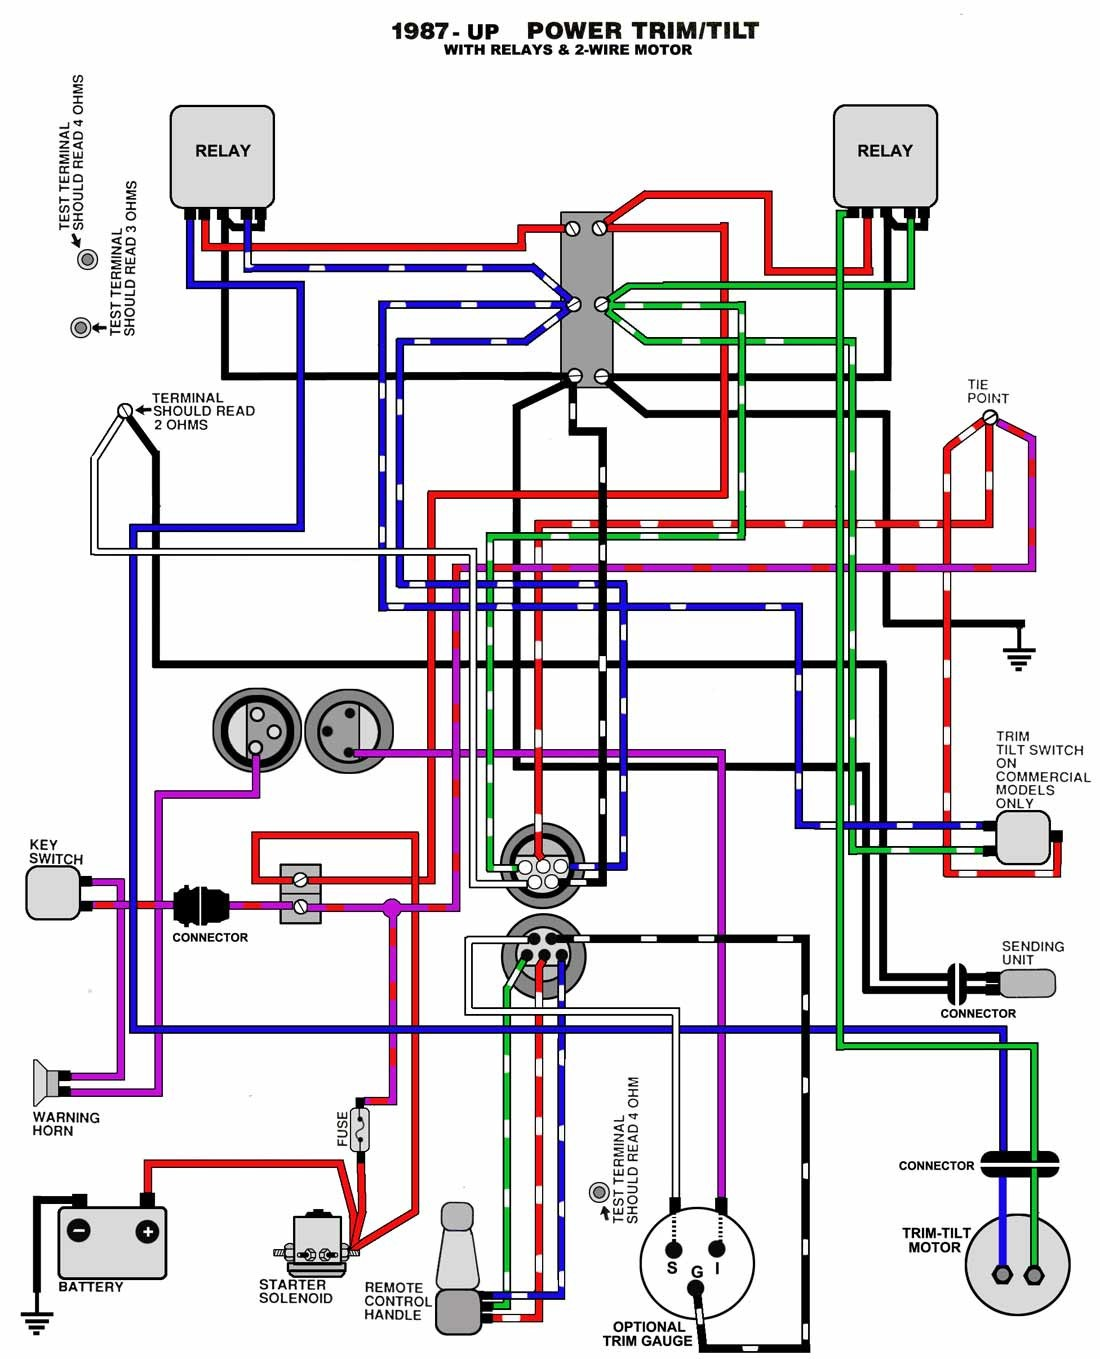 hight resolution of suzuki 140 wiring diagram wiring library rh 90 codingcommunity de suzuki outboard ignition wiring diagram suzuki